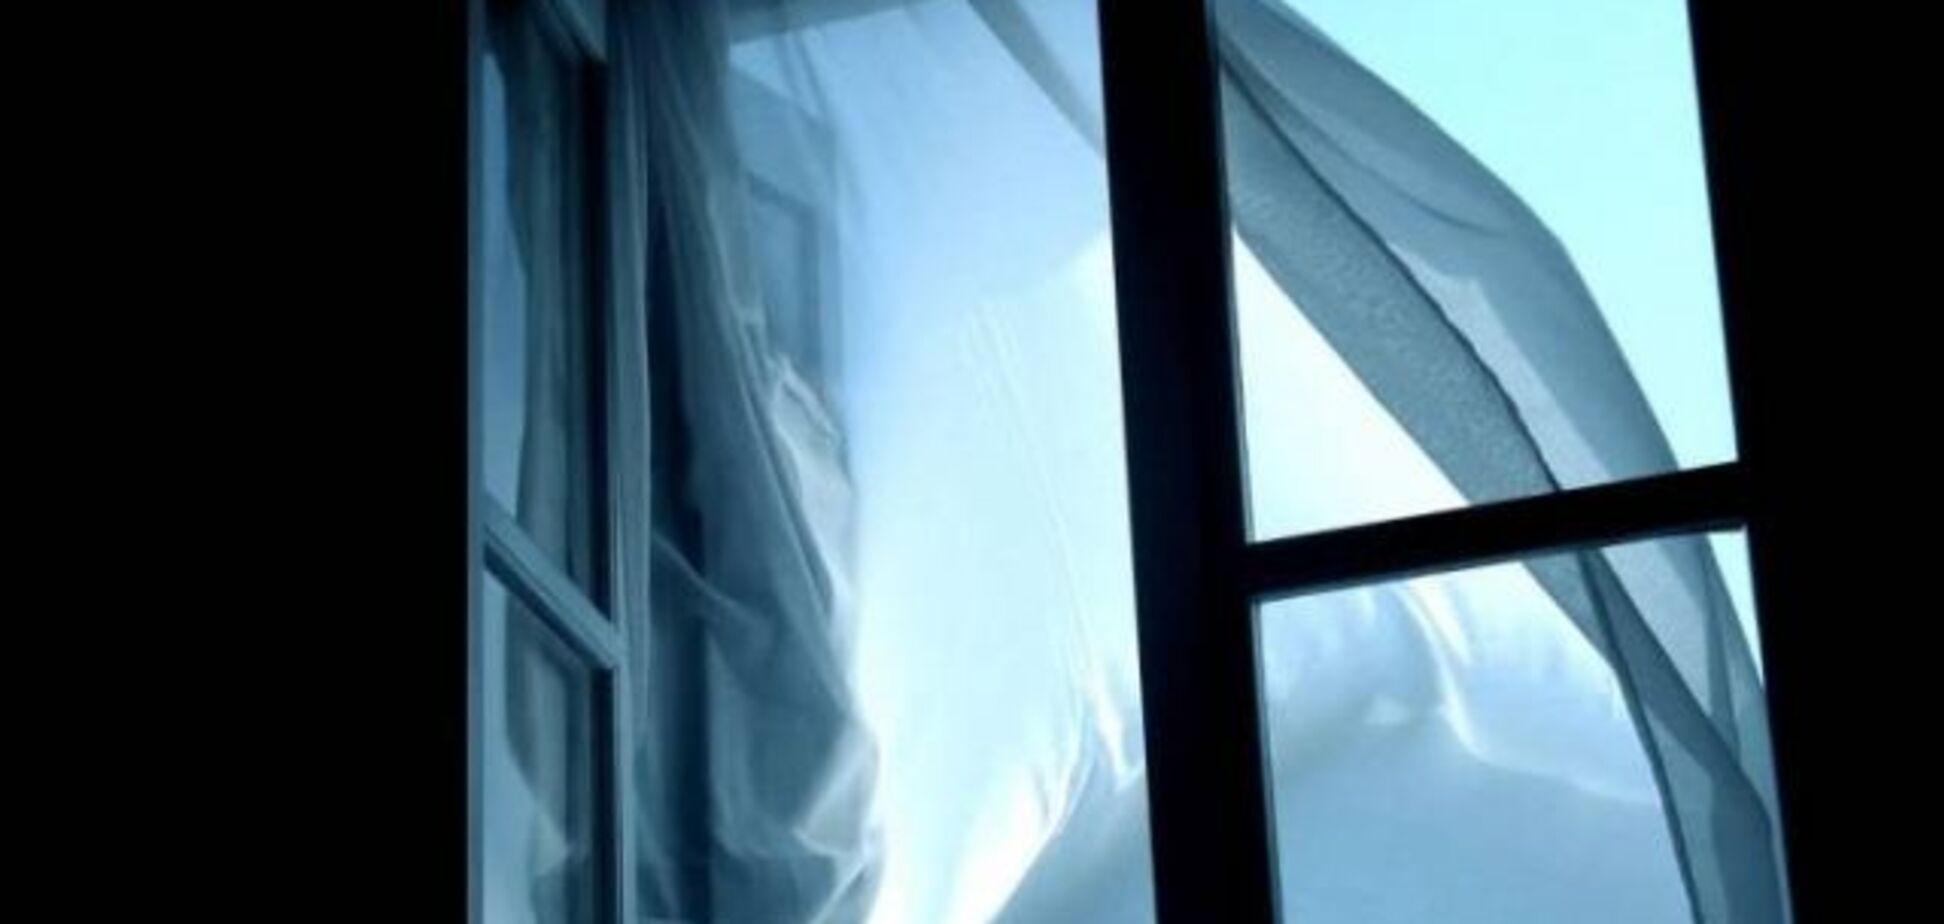 Вистрибнув з 24 поверху: в Дніпрі чоловік наклав на себе руки на очах у дружини